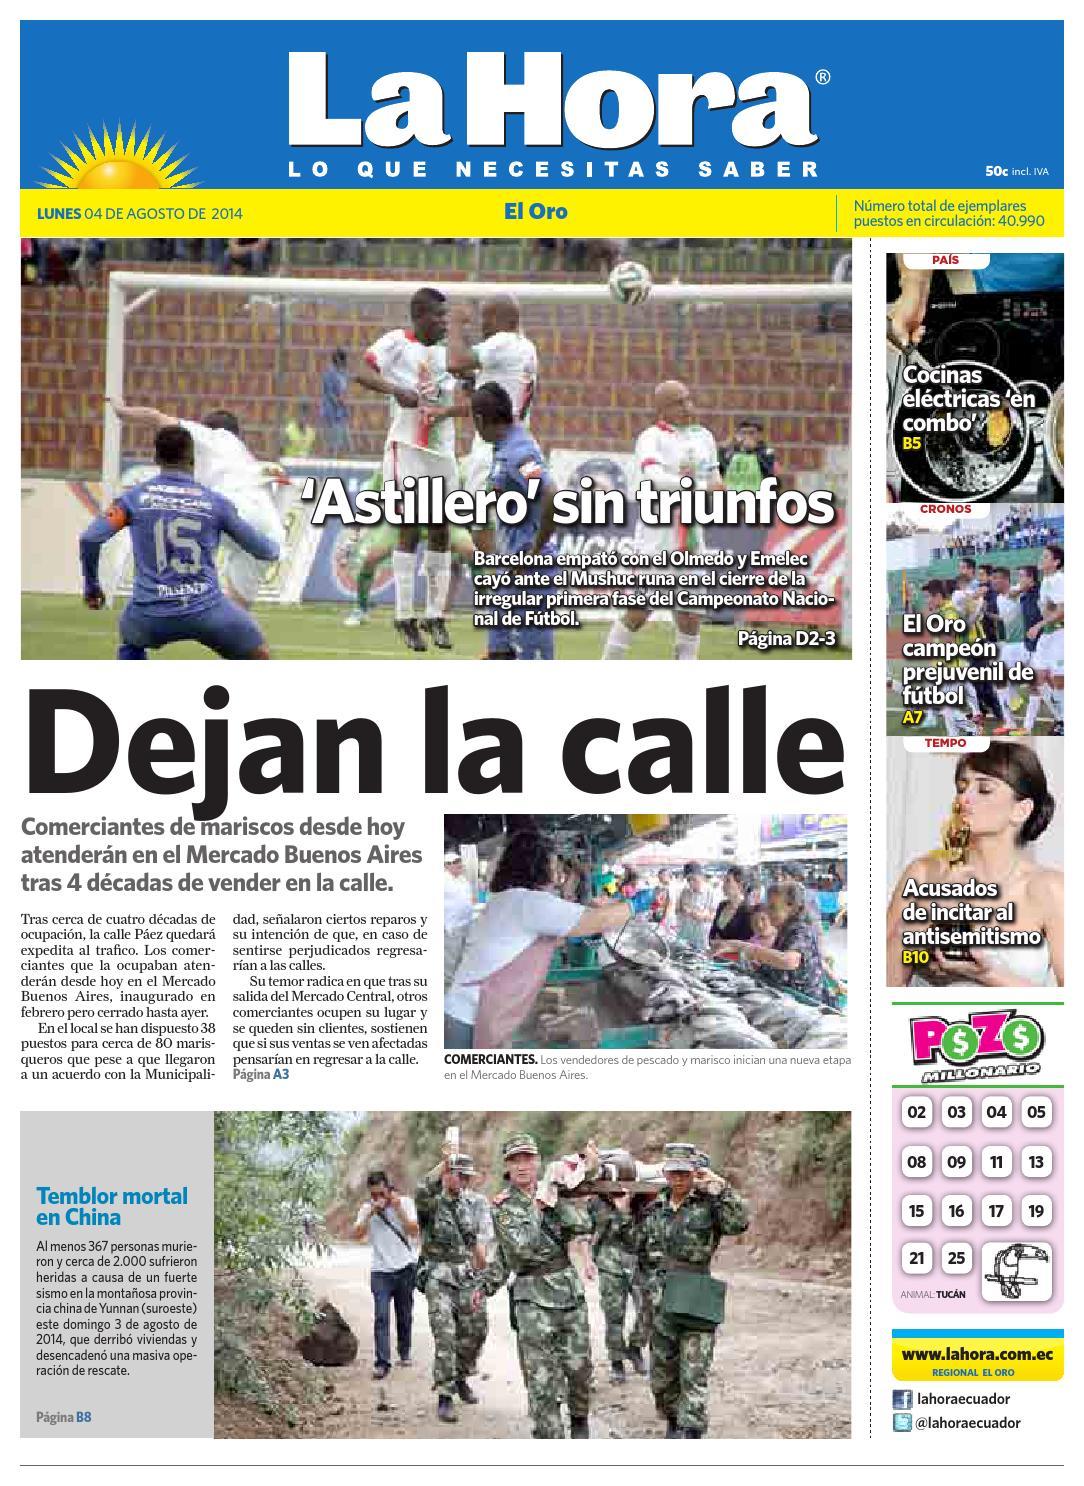 Diario La Hora El Oro 04 de Agosto 2014 by Diario La Hora Ecuador - issuu 3995e898eb841